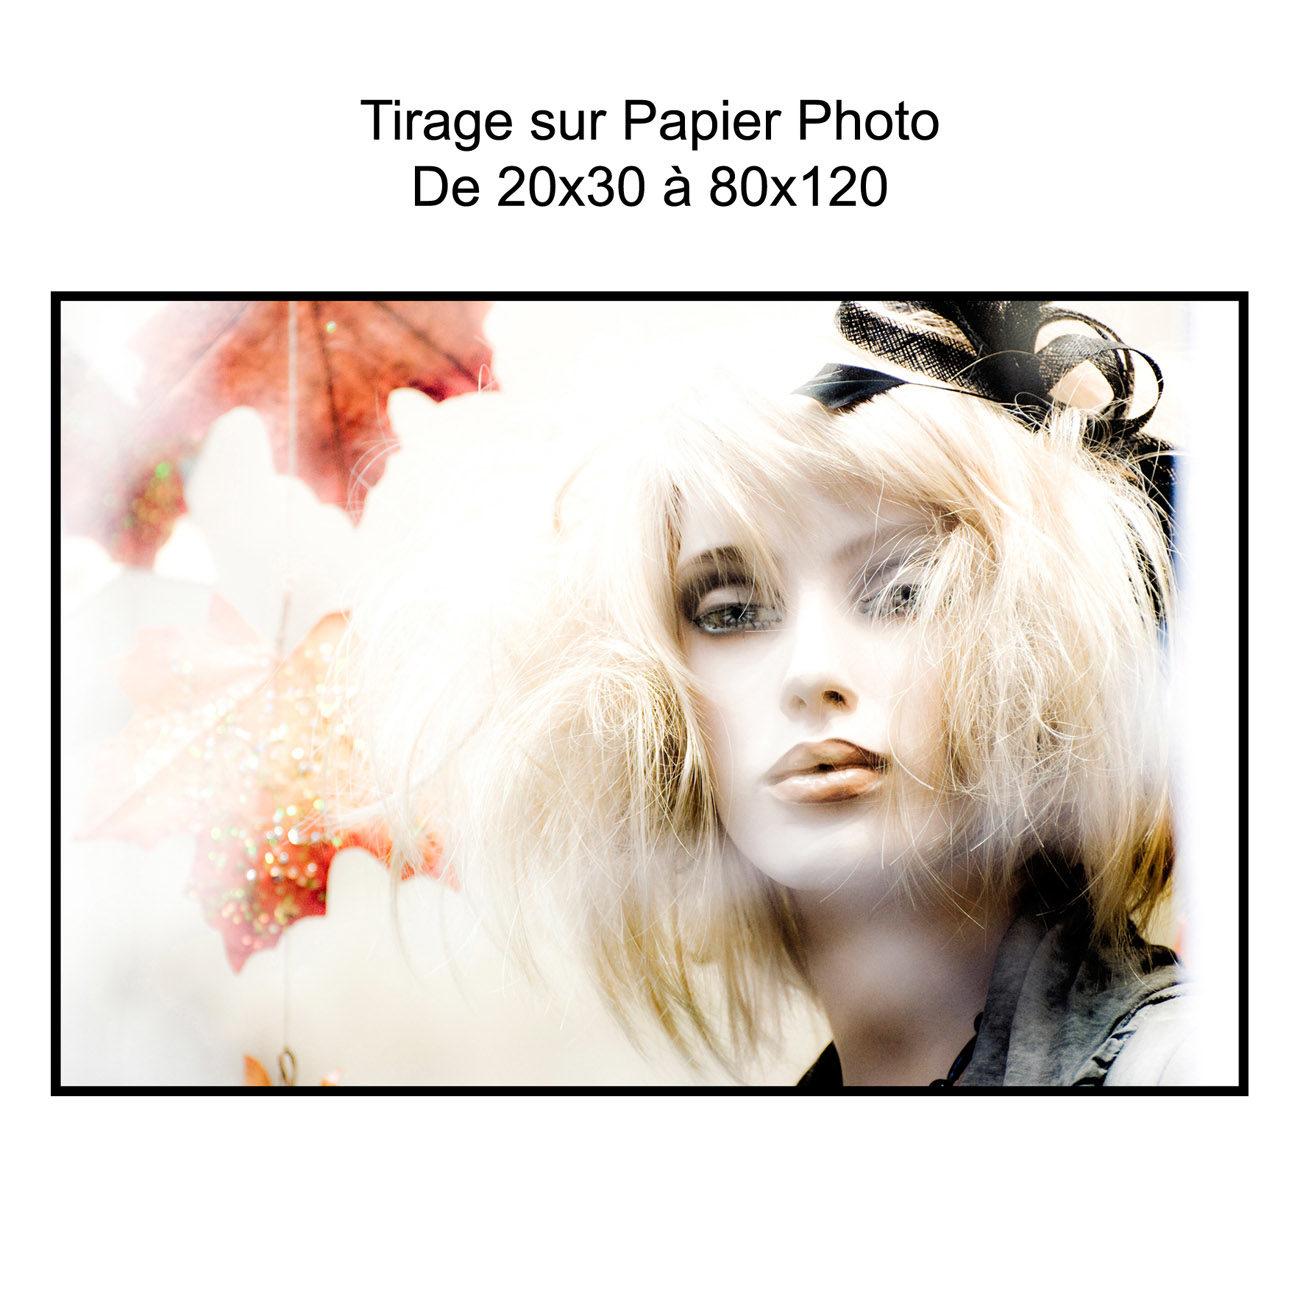 Tirage sur Papier photo carree